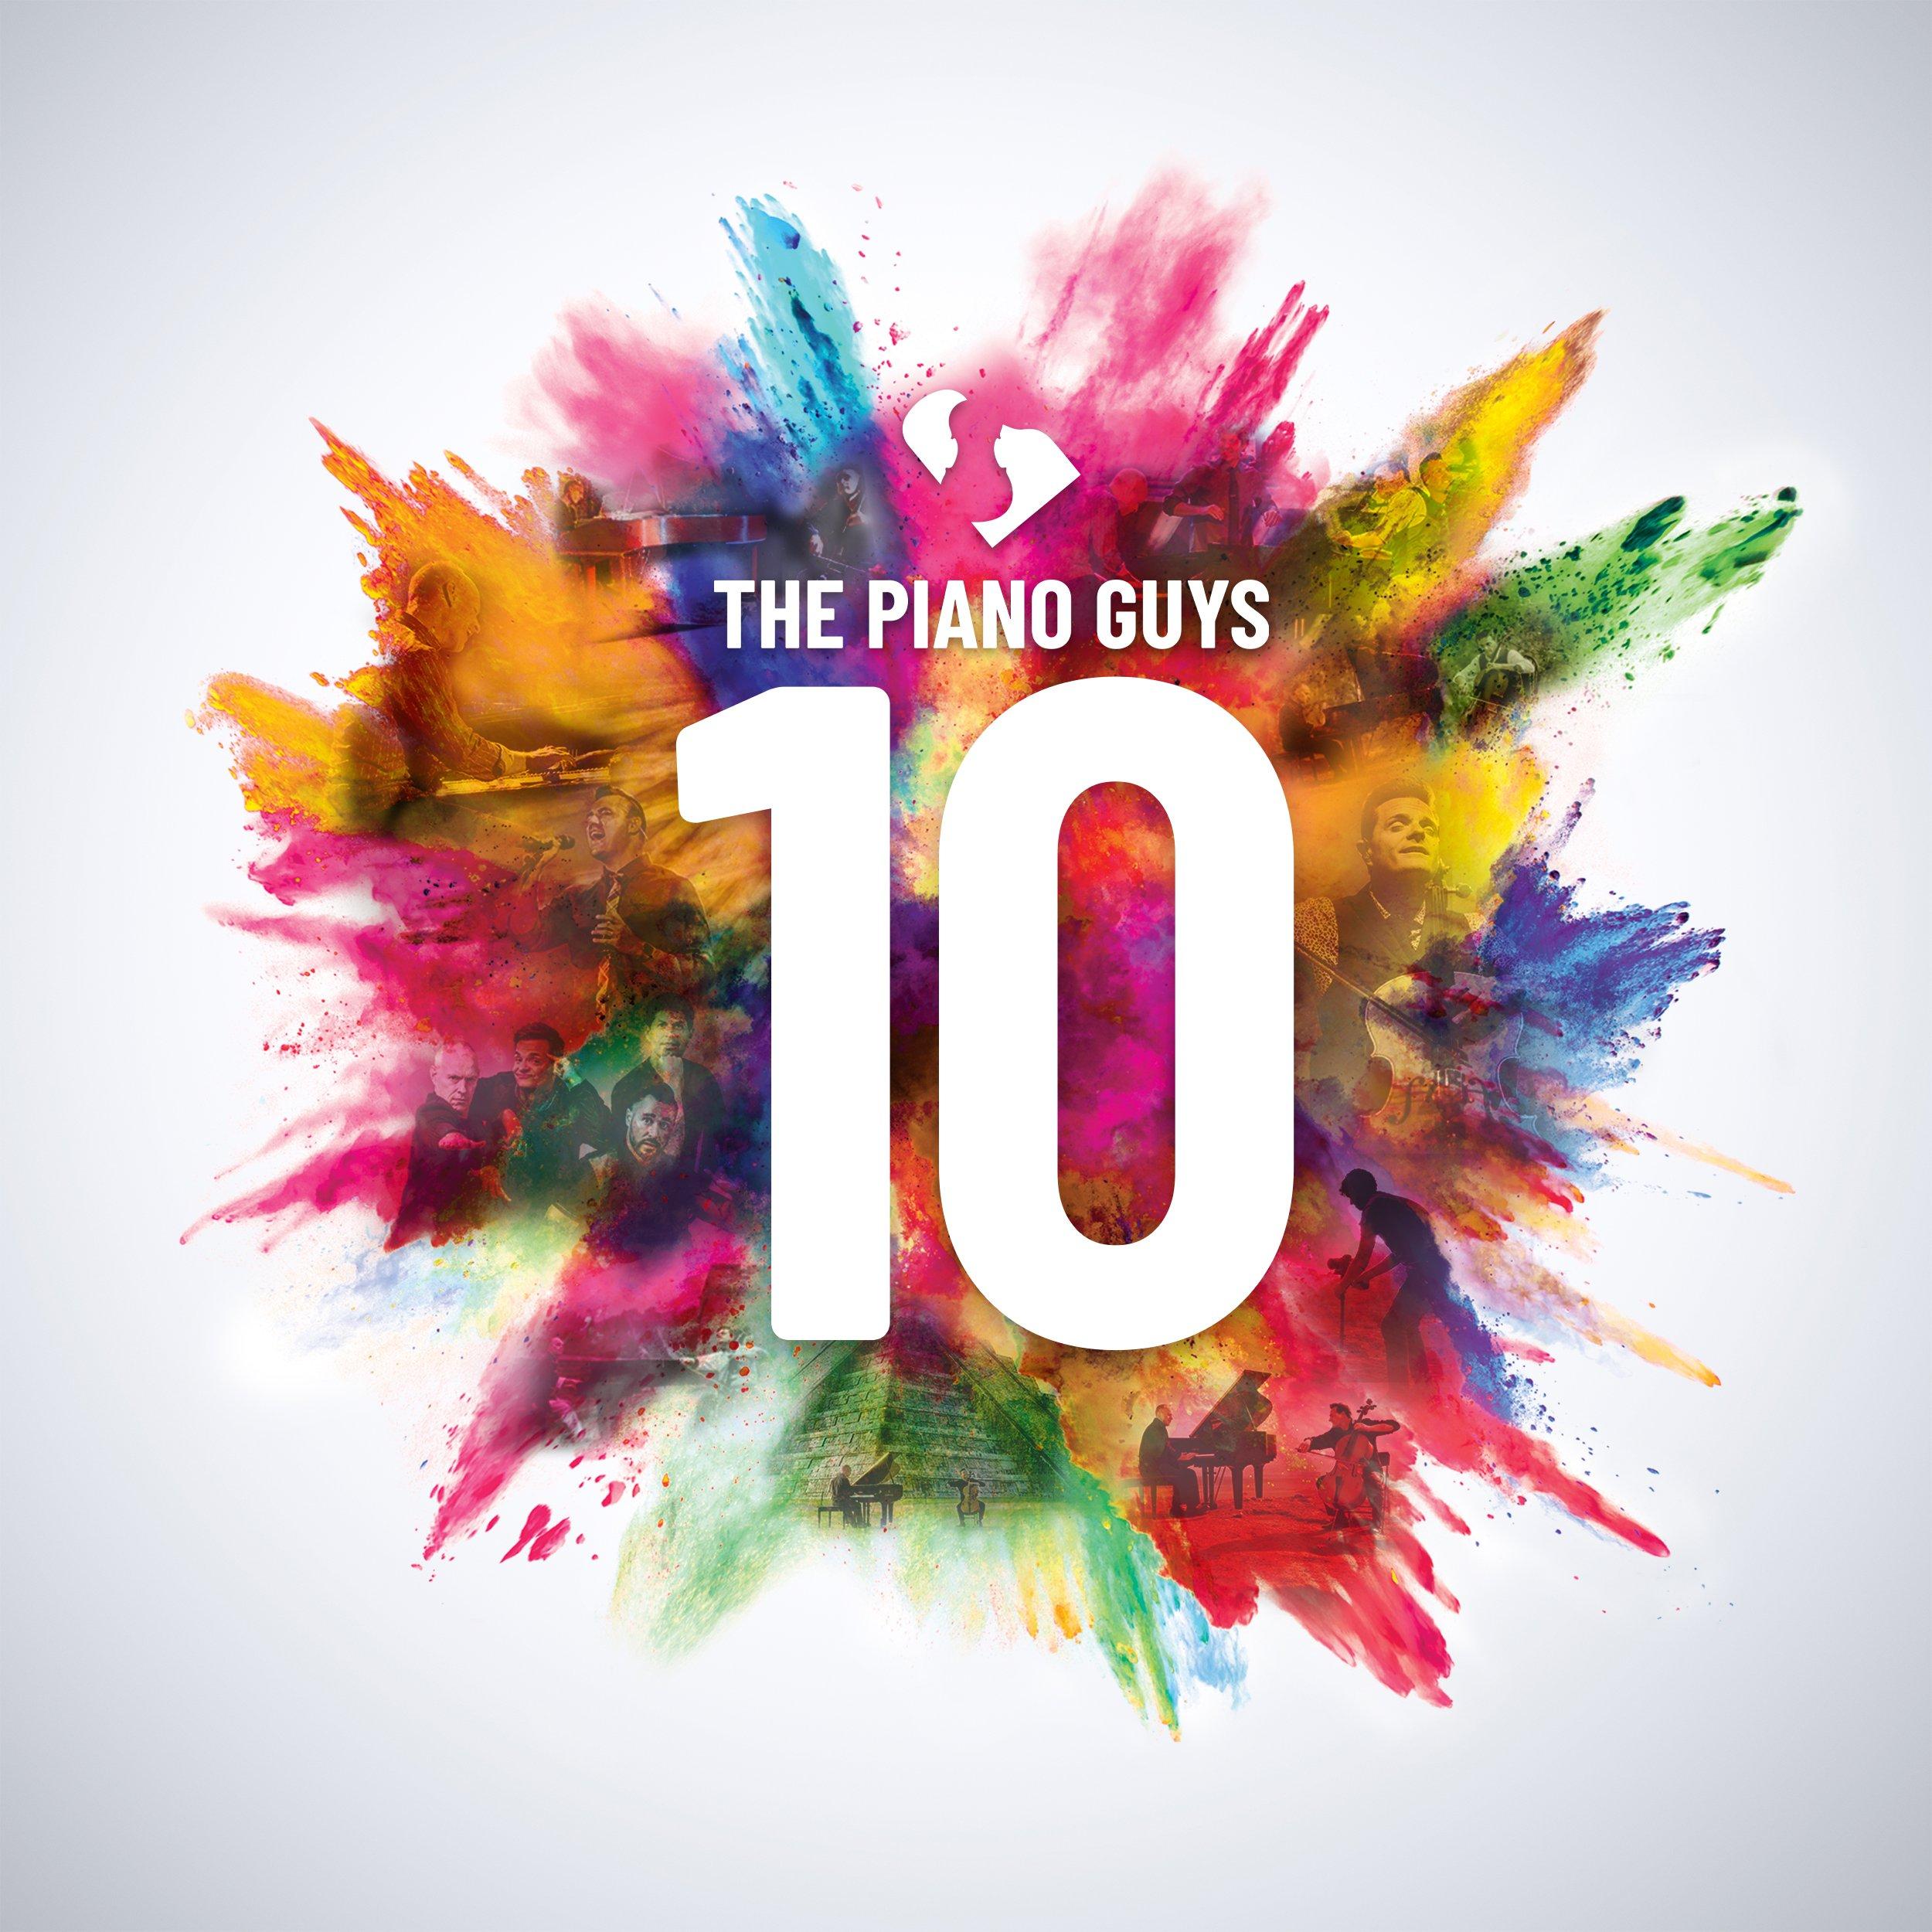 The Piano Guys - CD 10